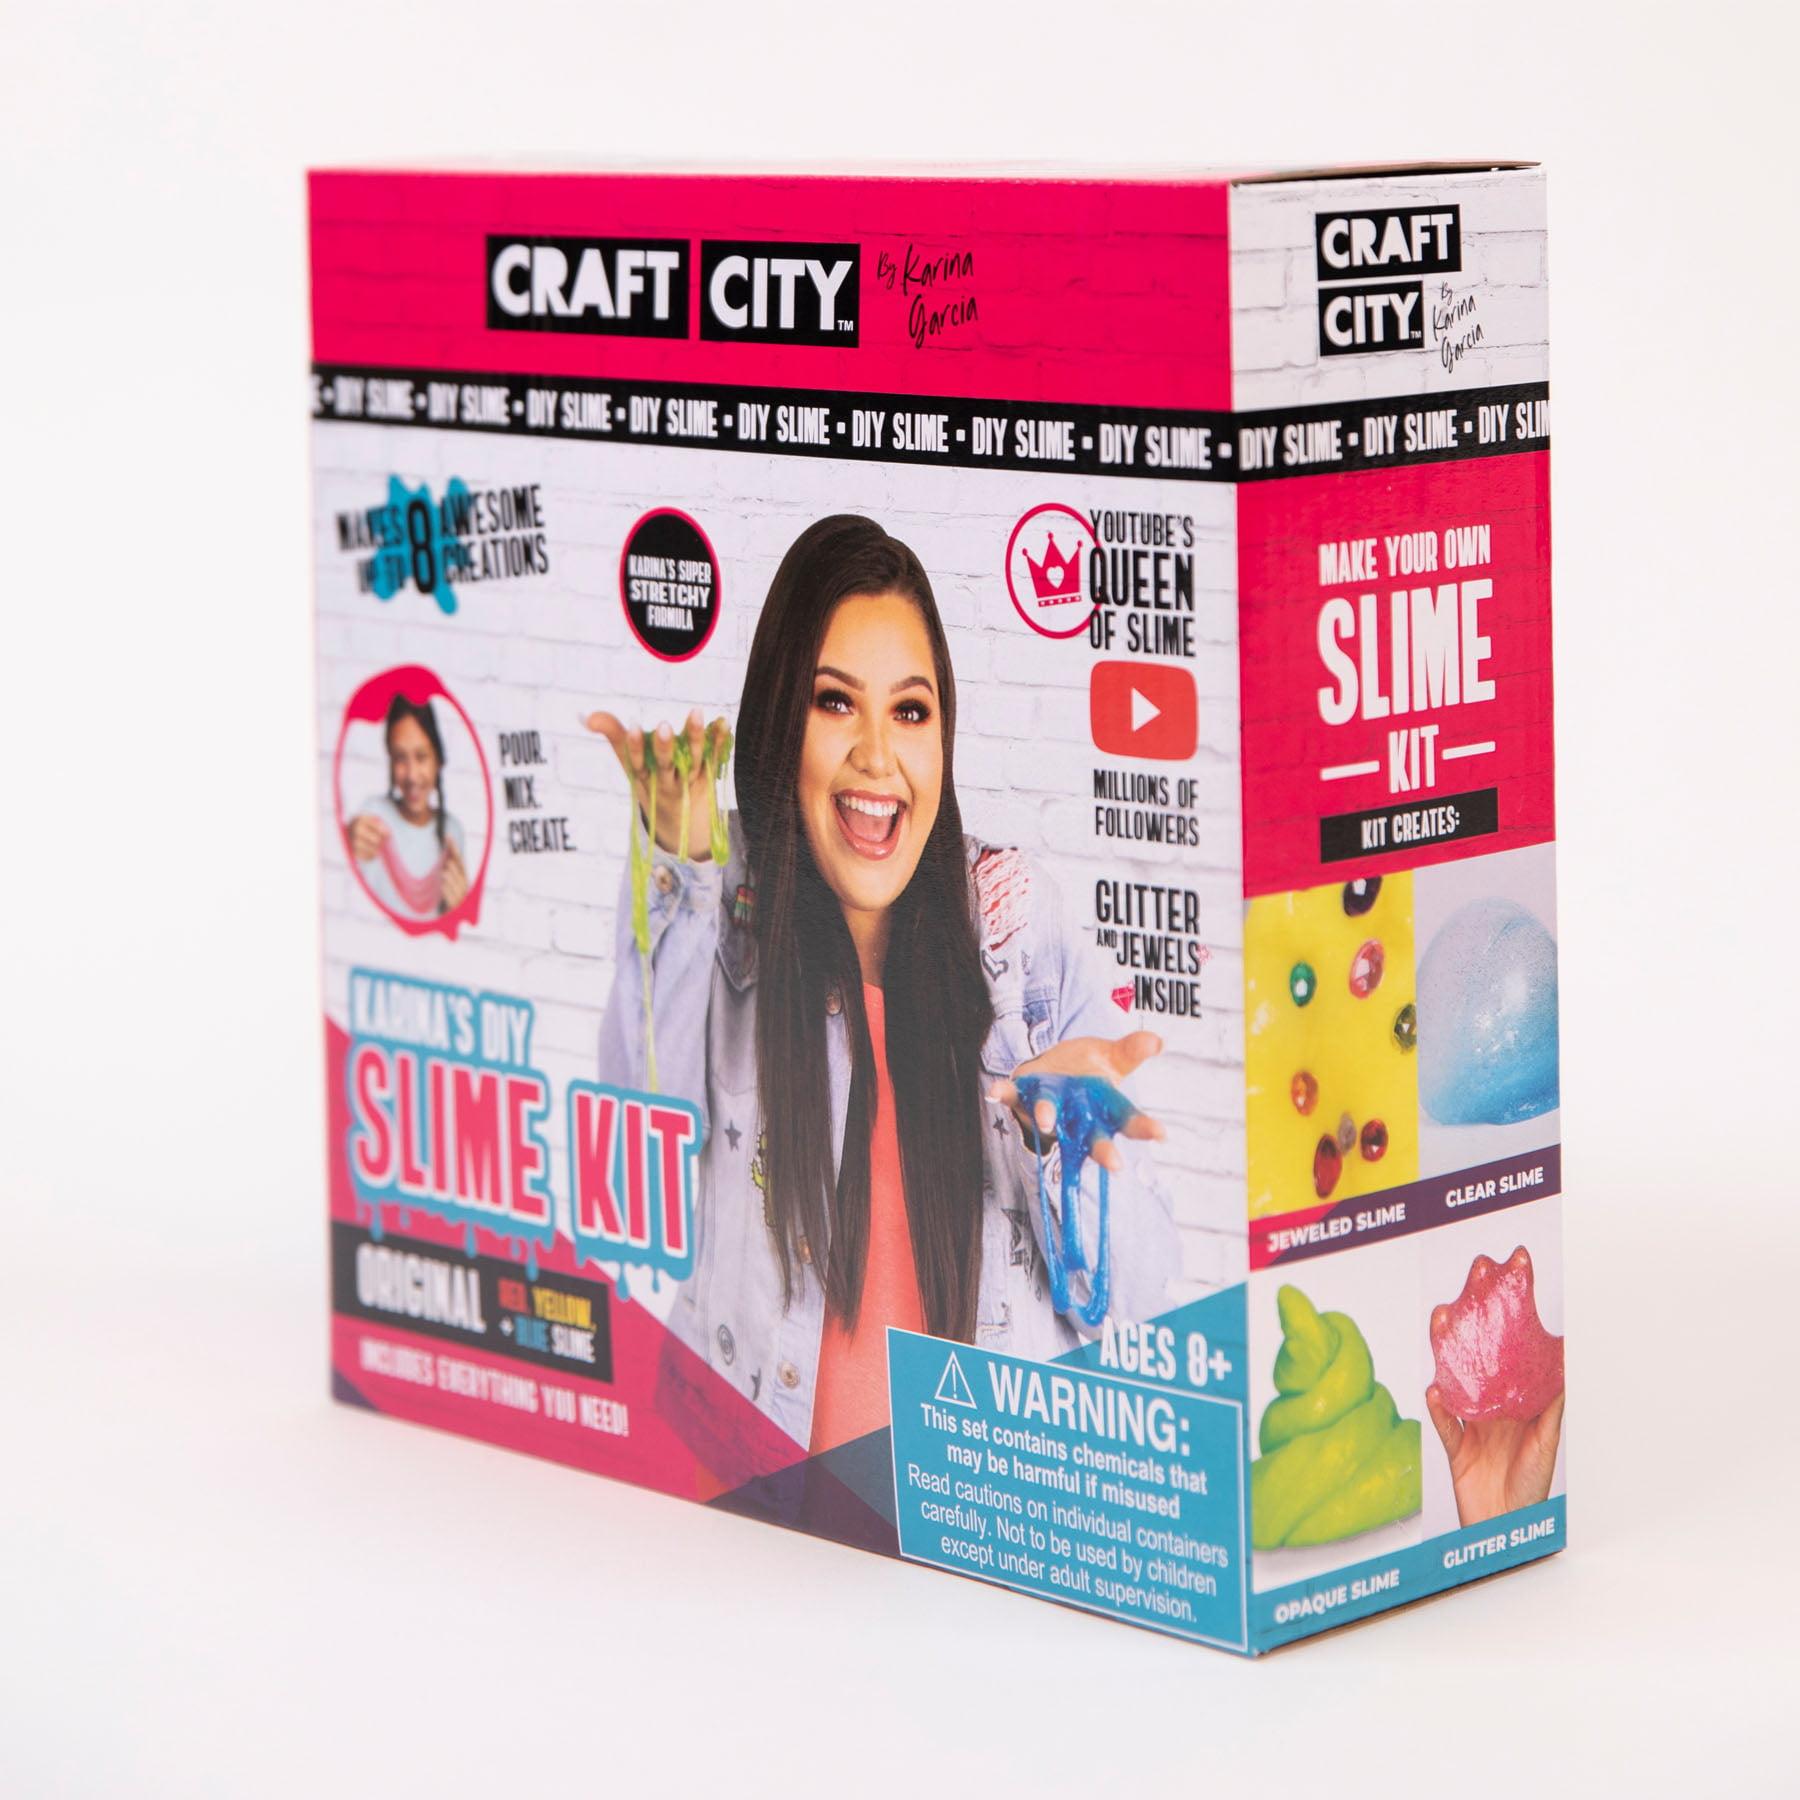 Original DIY Slime Kit